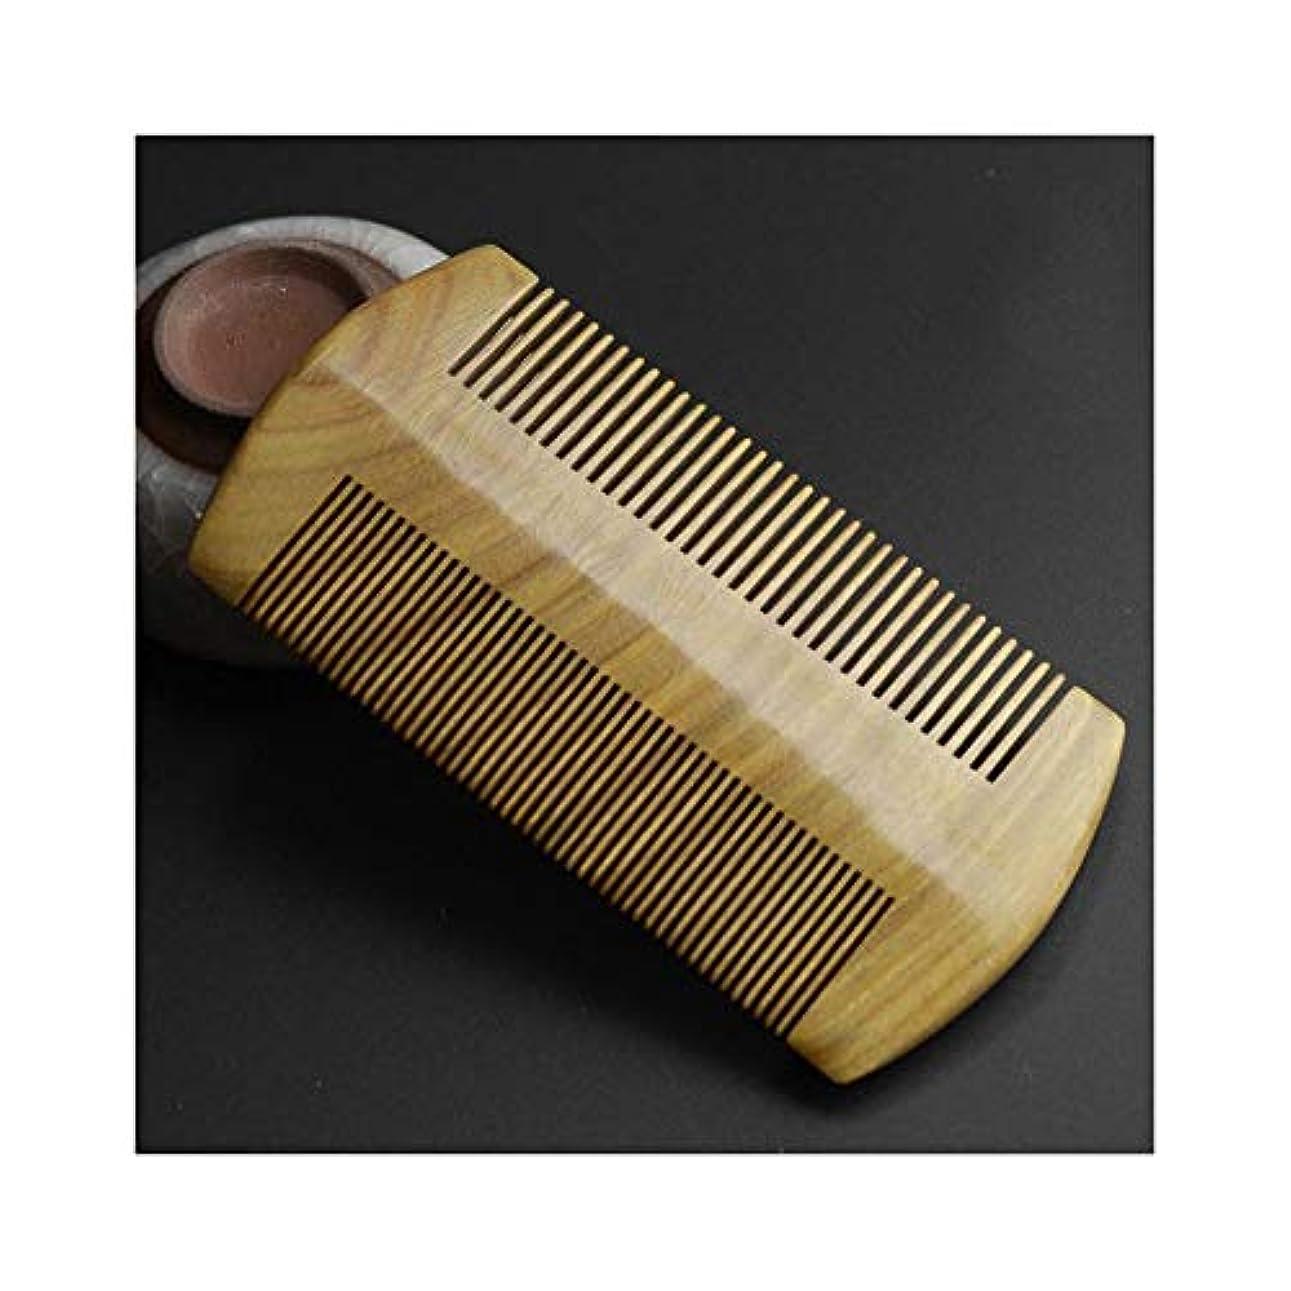 引き受ける売り手十代WASAIO 両面木製のくしメンズビアードカーリーストレートヘアブラシブラシ手作り抗静的グリーンサンダルウッドマッサージ (色 : オレンジ)